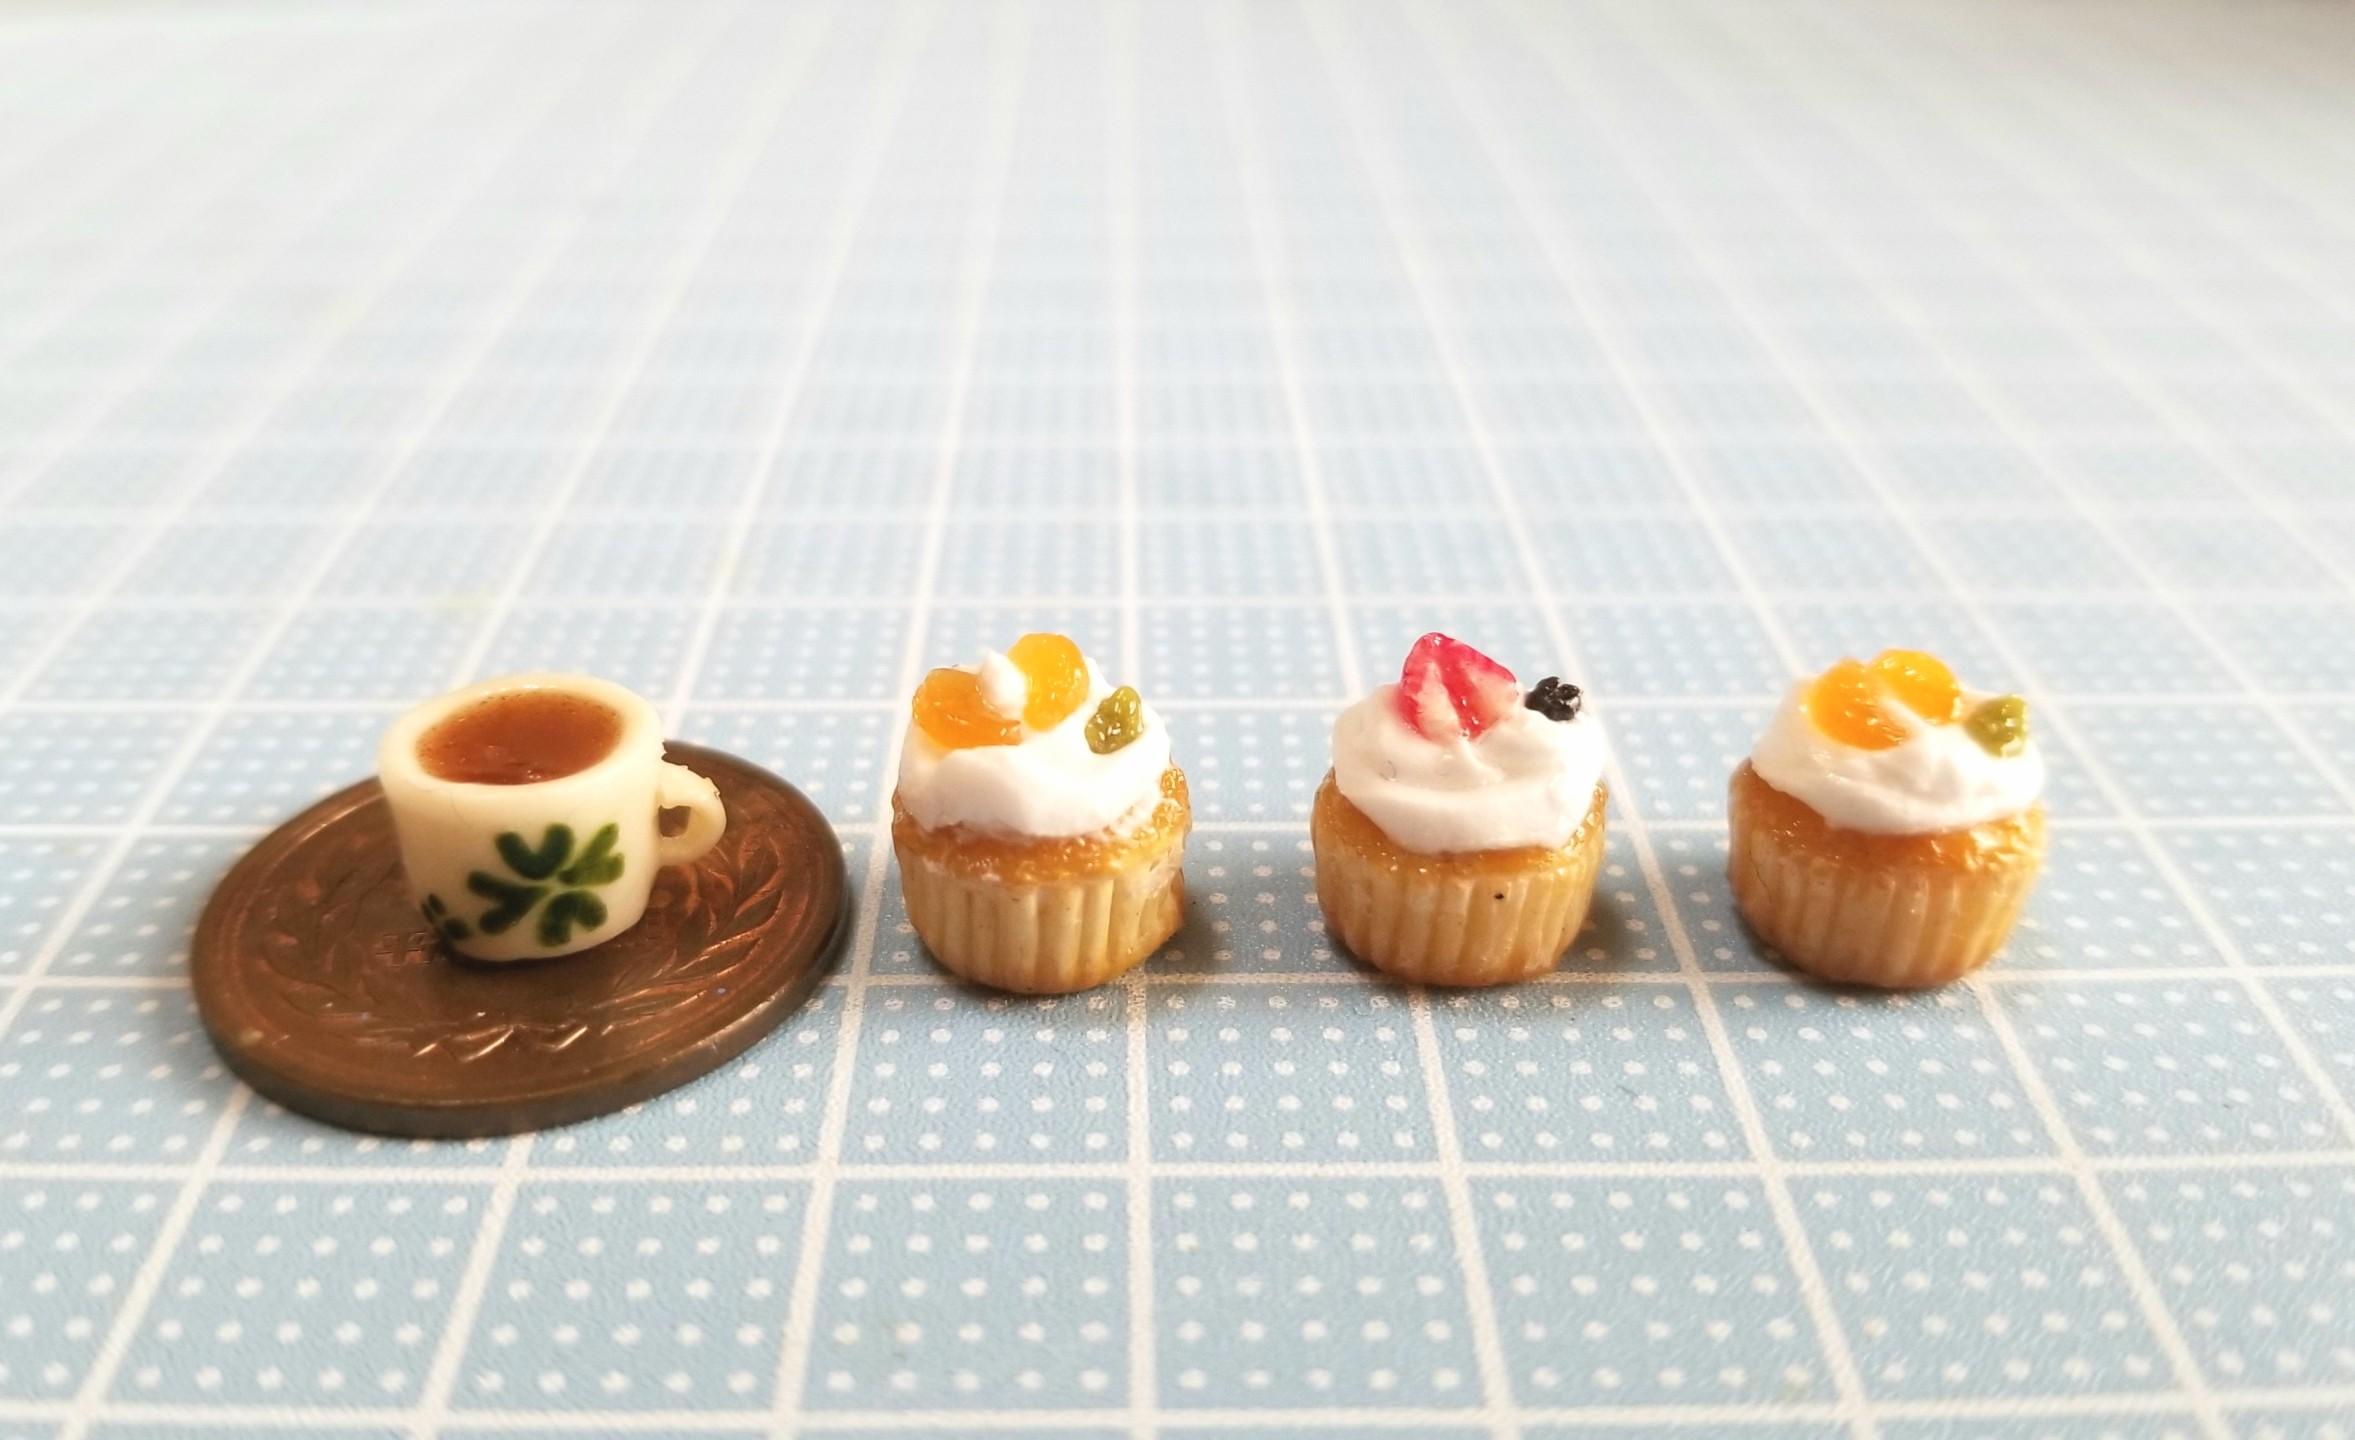 ミニチュアフード,カップケーキ,,樹脂粘土,ブライス,シルバニア